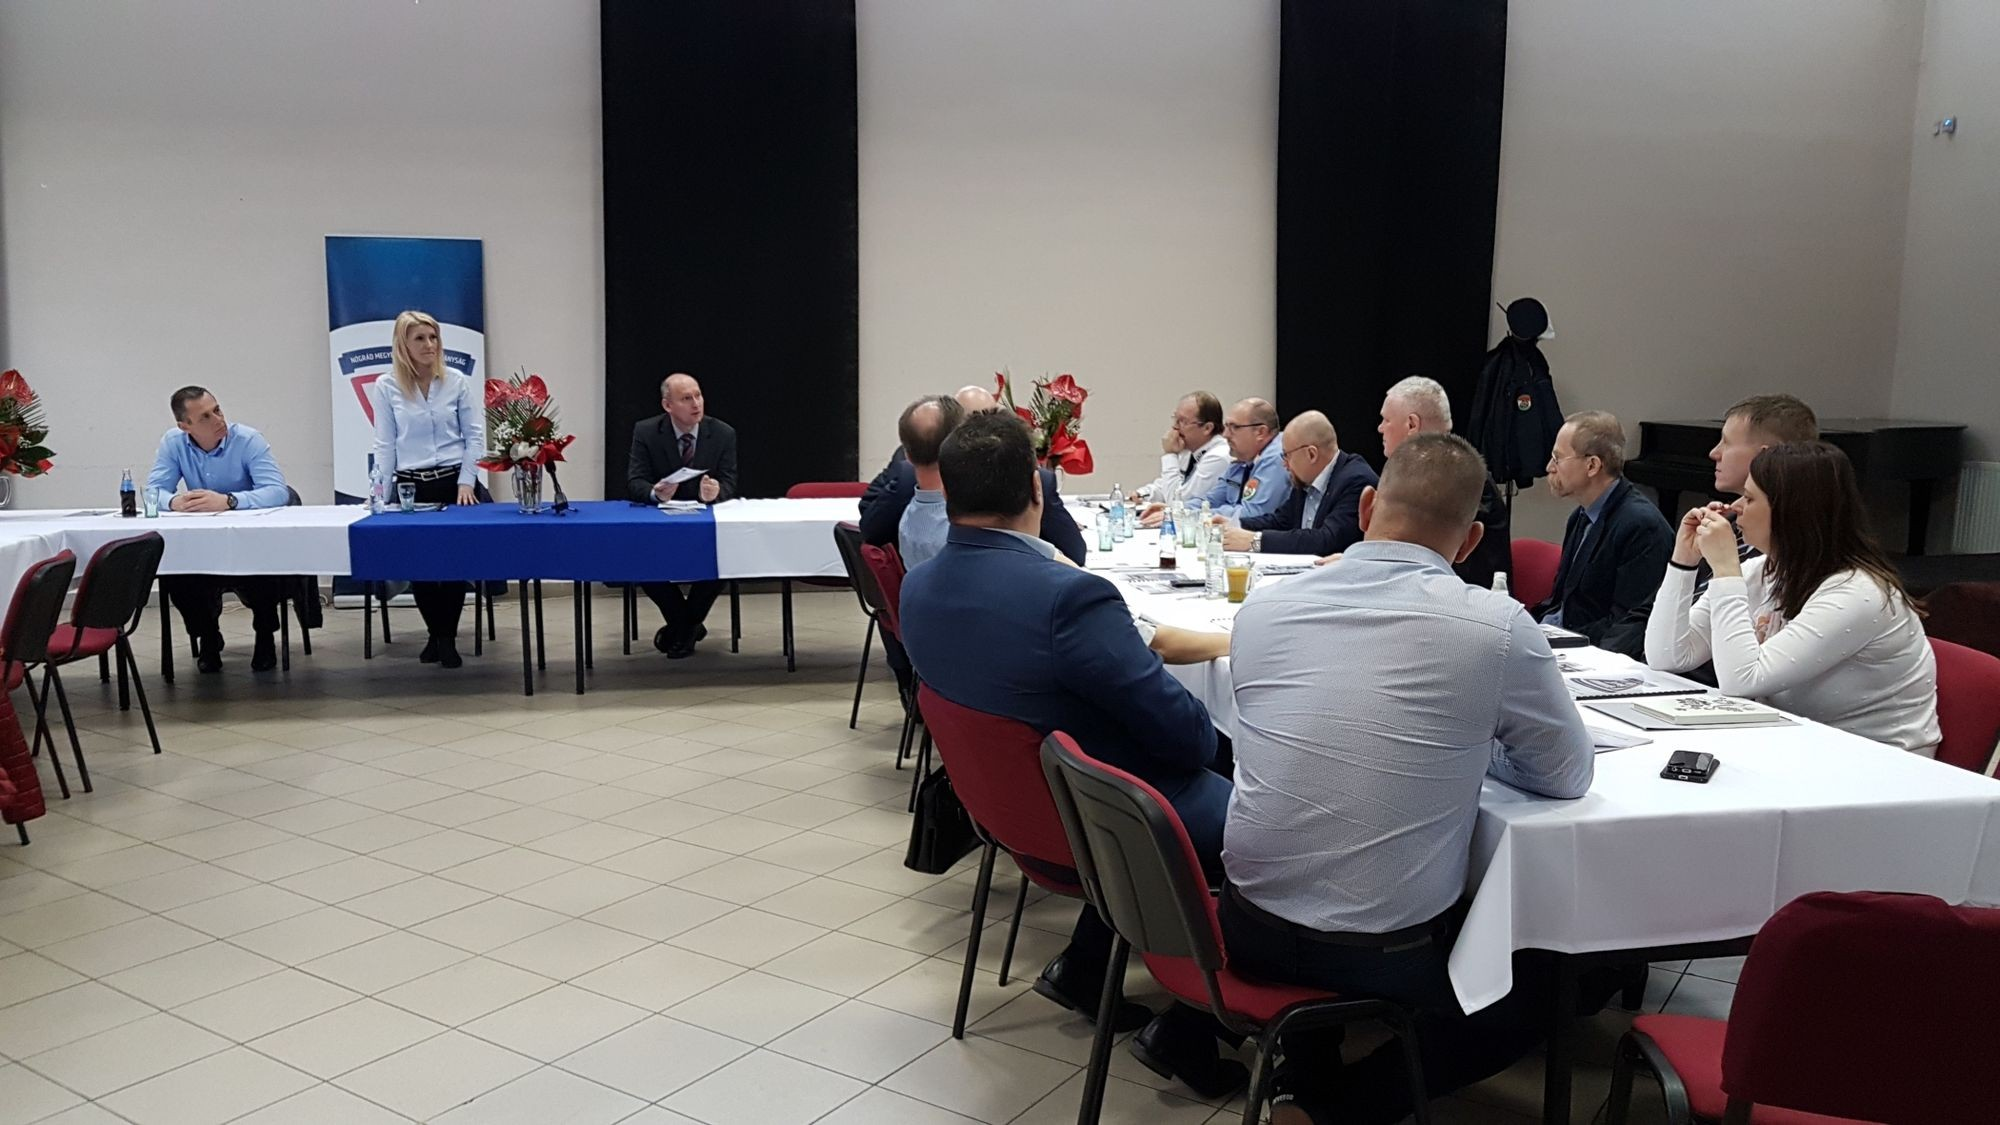 Baleset-megelőzési évértékelő értekezlet Nógrád megyében